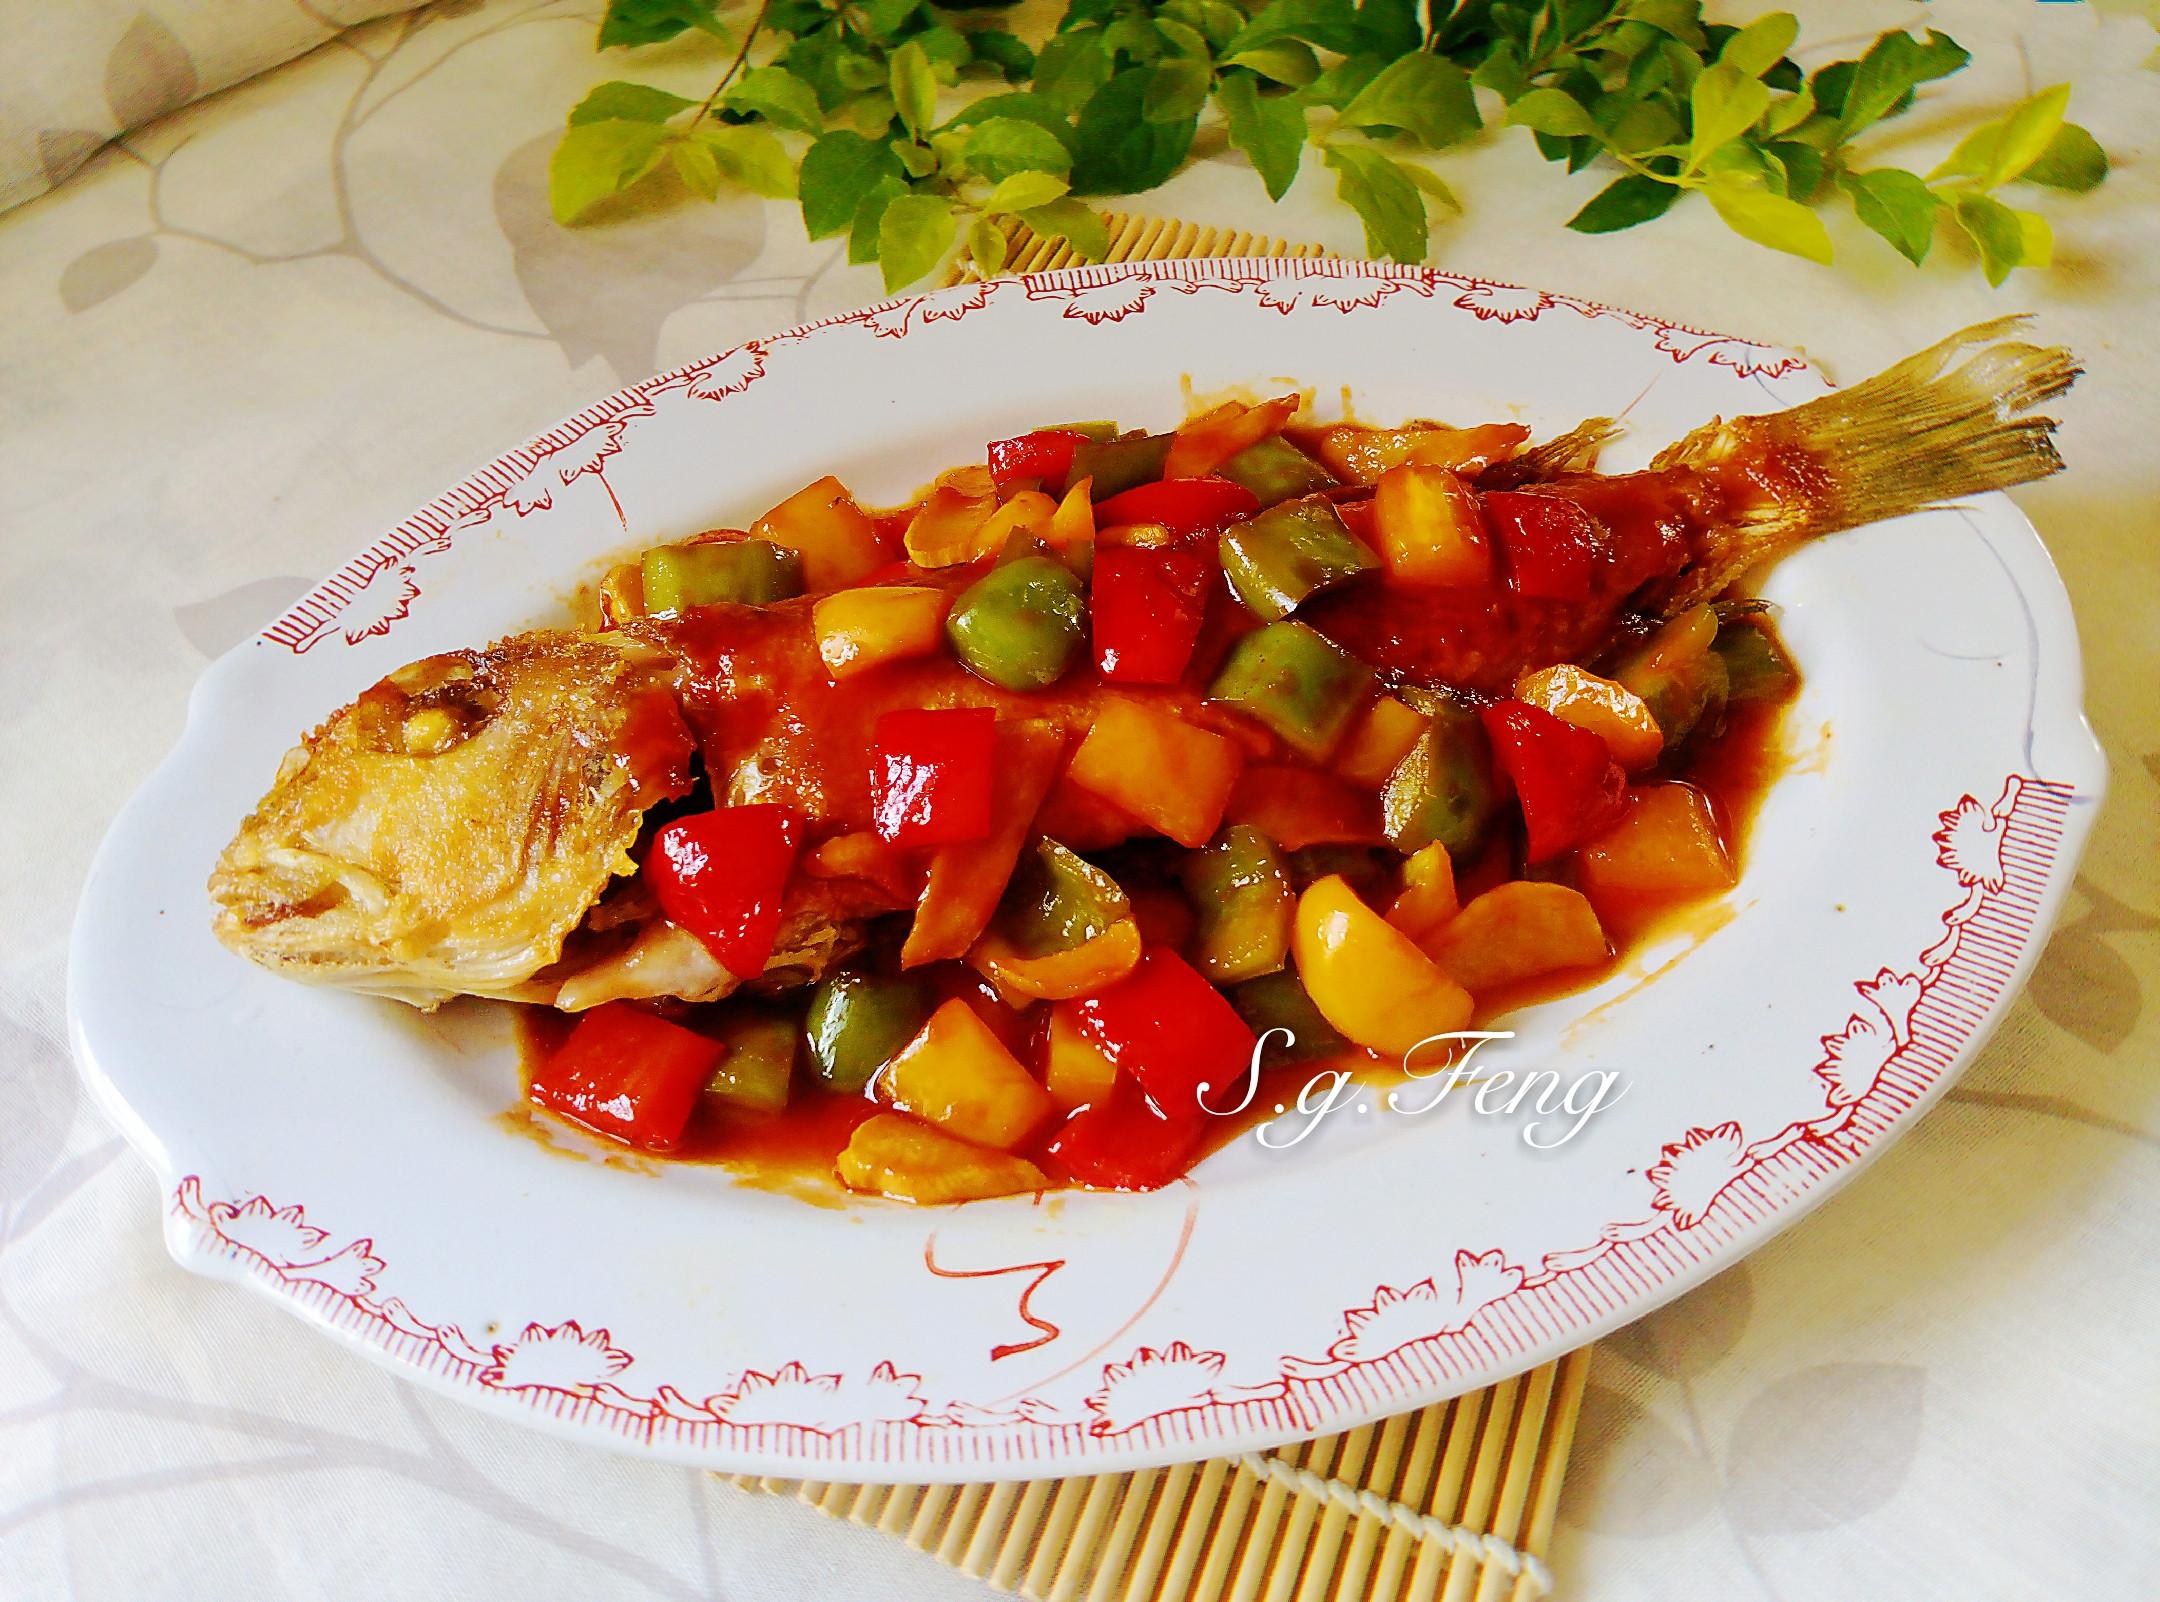 糖醋魚(馬頭魚)